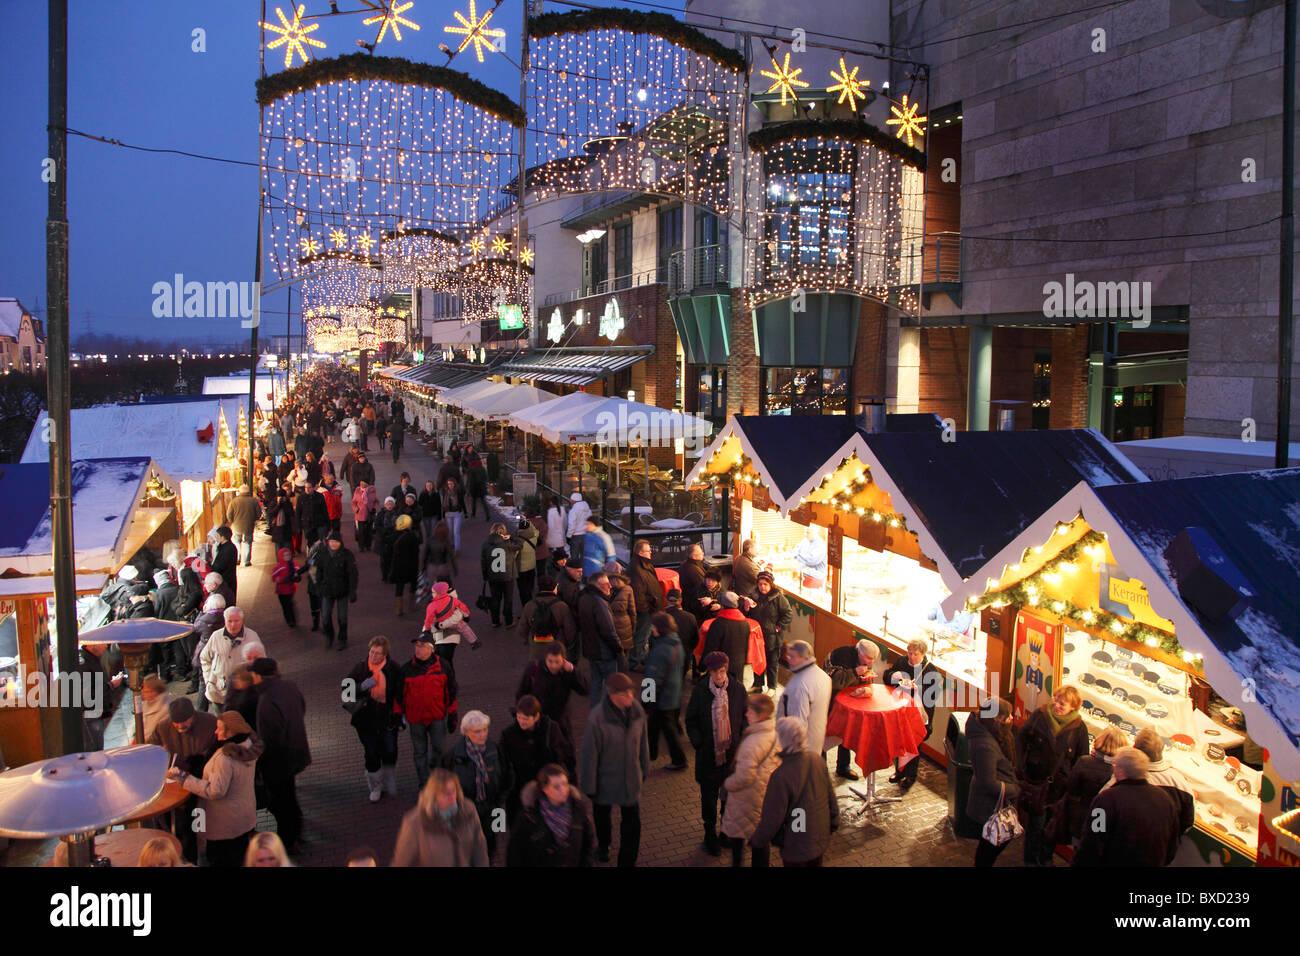 Traditioneller Weihnachtsmarkt Mit Vielen Geschmuckten